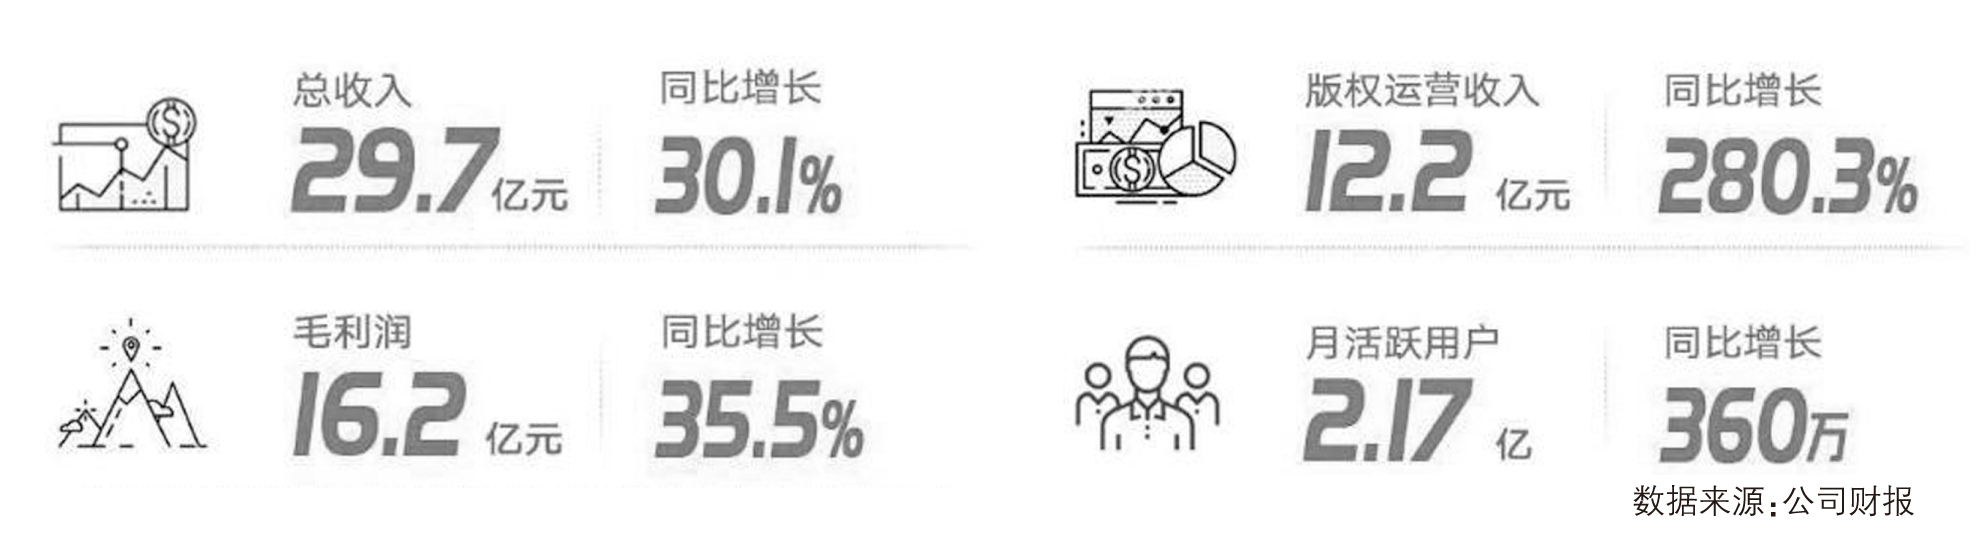 阅文集团上半年版权收入占四成 在线阅读收入减一成